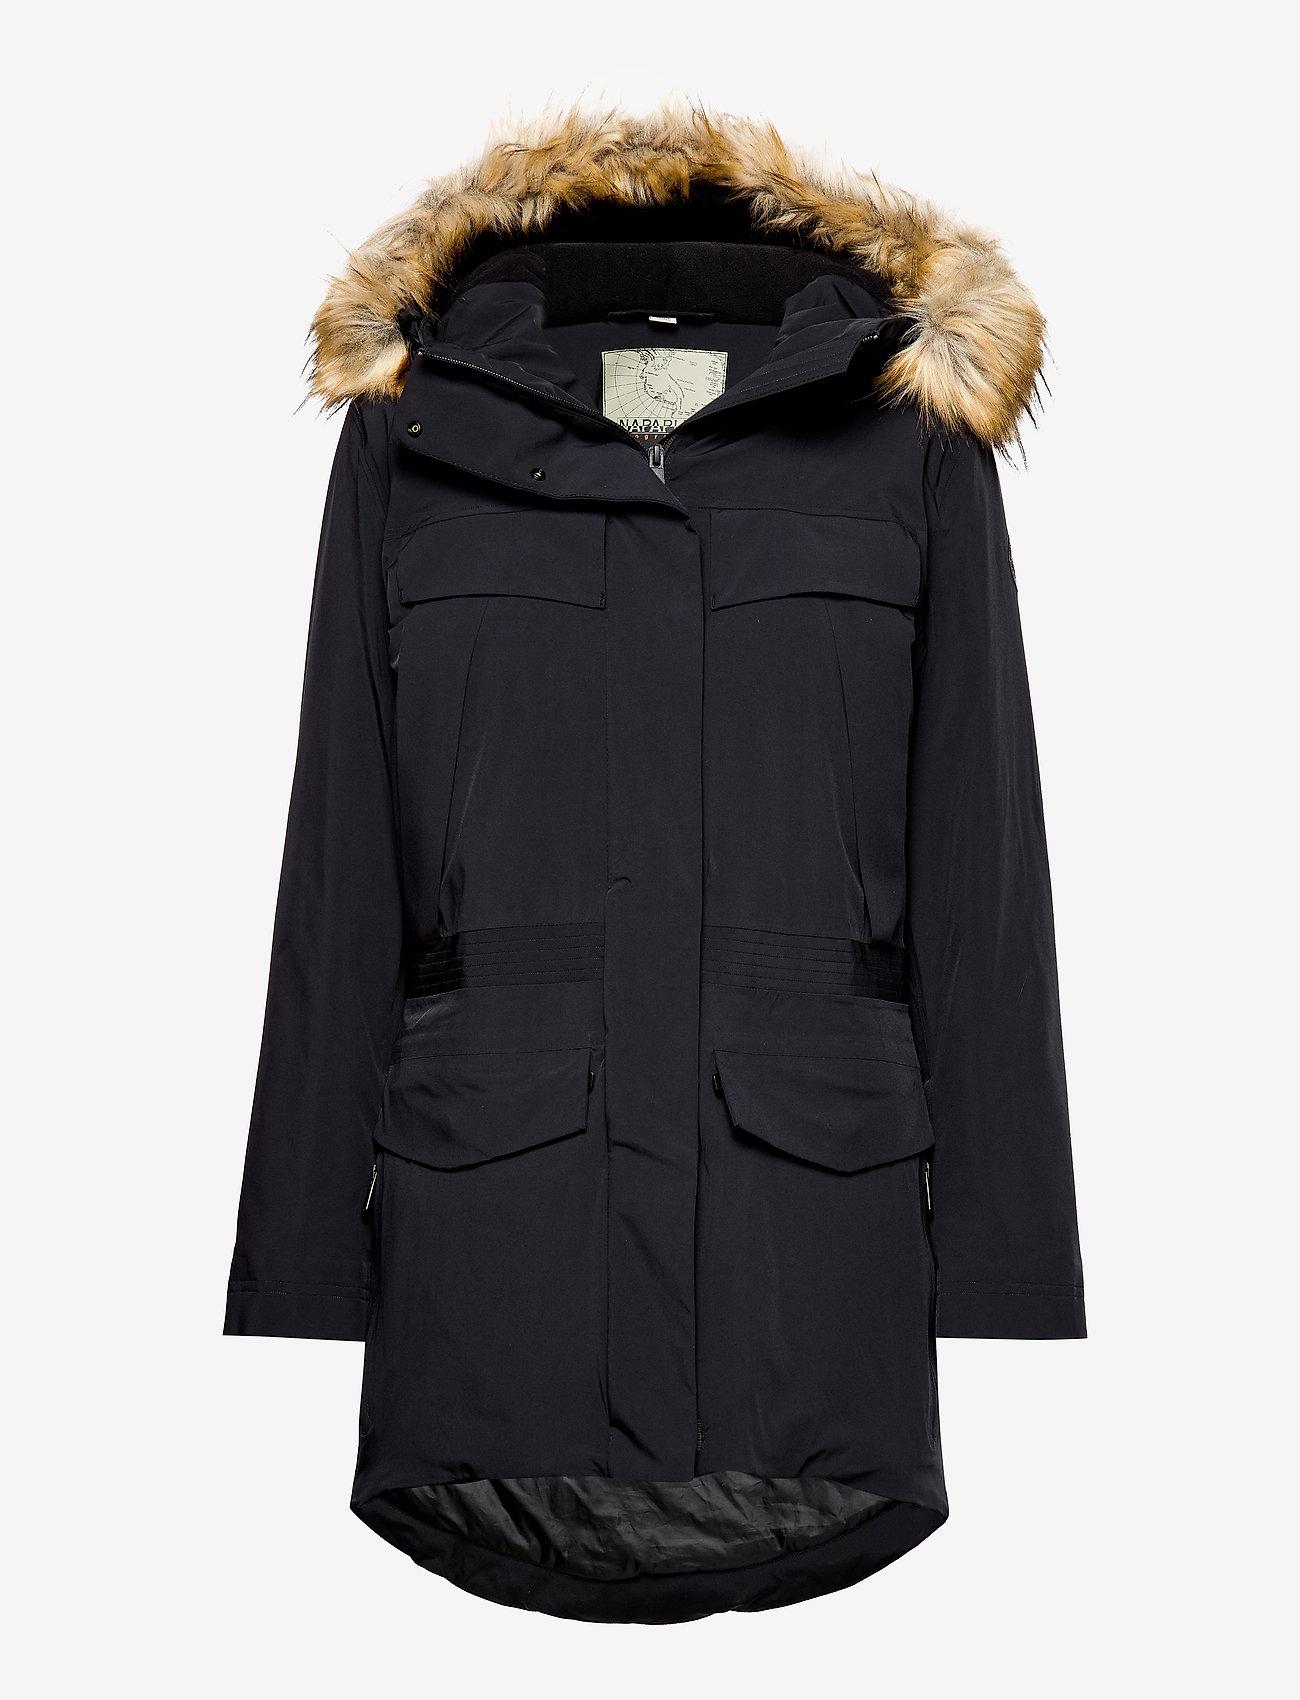 Napapijri - SKIDOO W SL PARKA - parka coats - black - 0